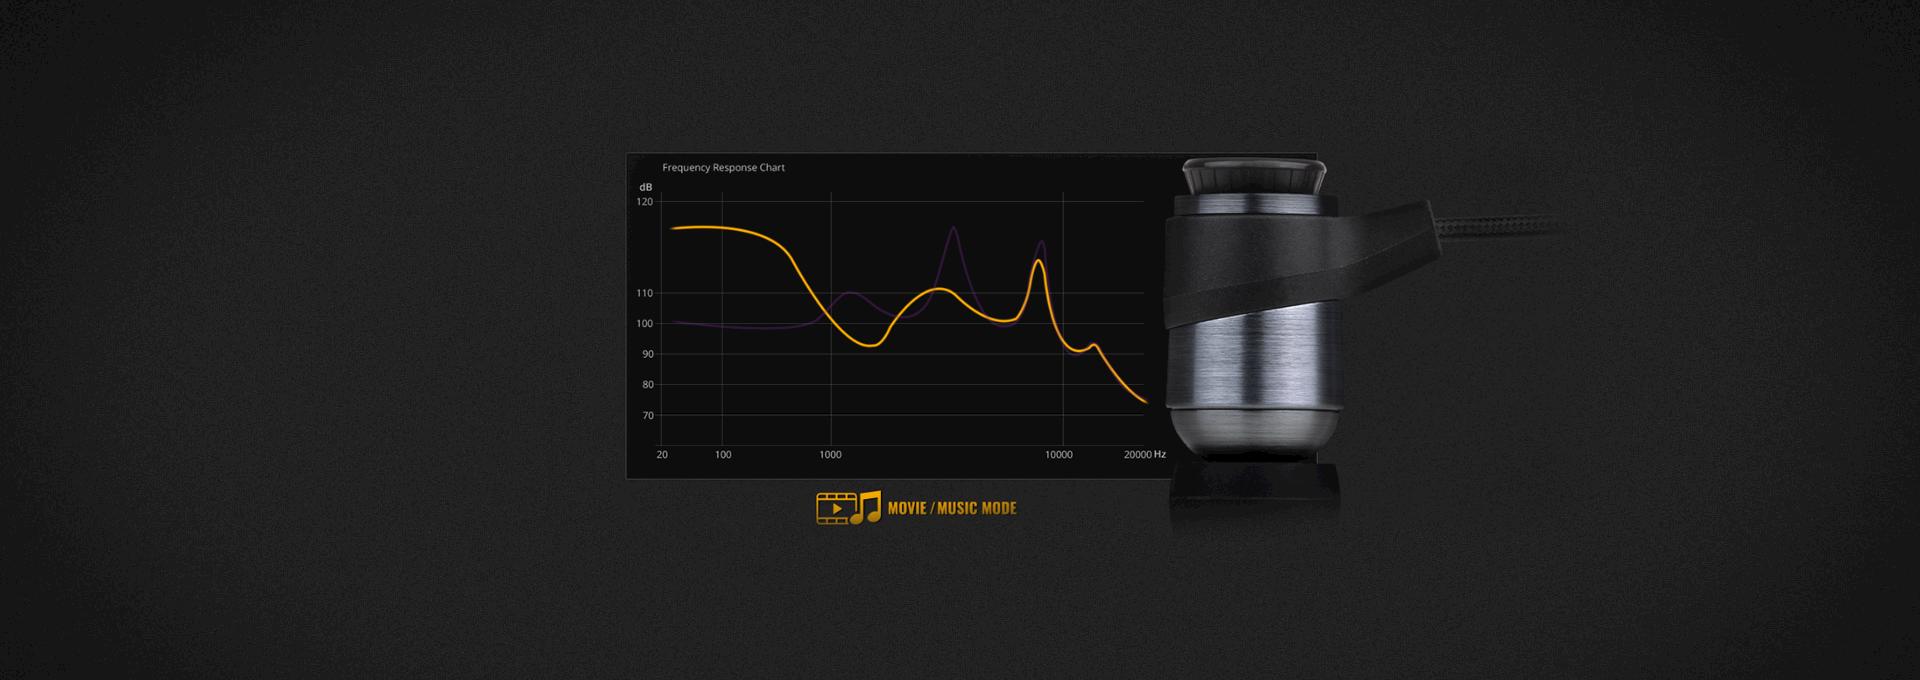 Tai nghe Cooler Master MH710 Gaming Earbuds tích hợp công nghệ âm thanh cao cấp